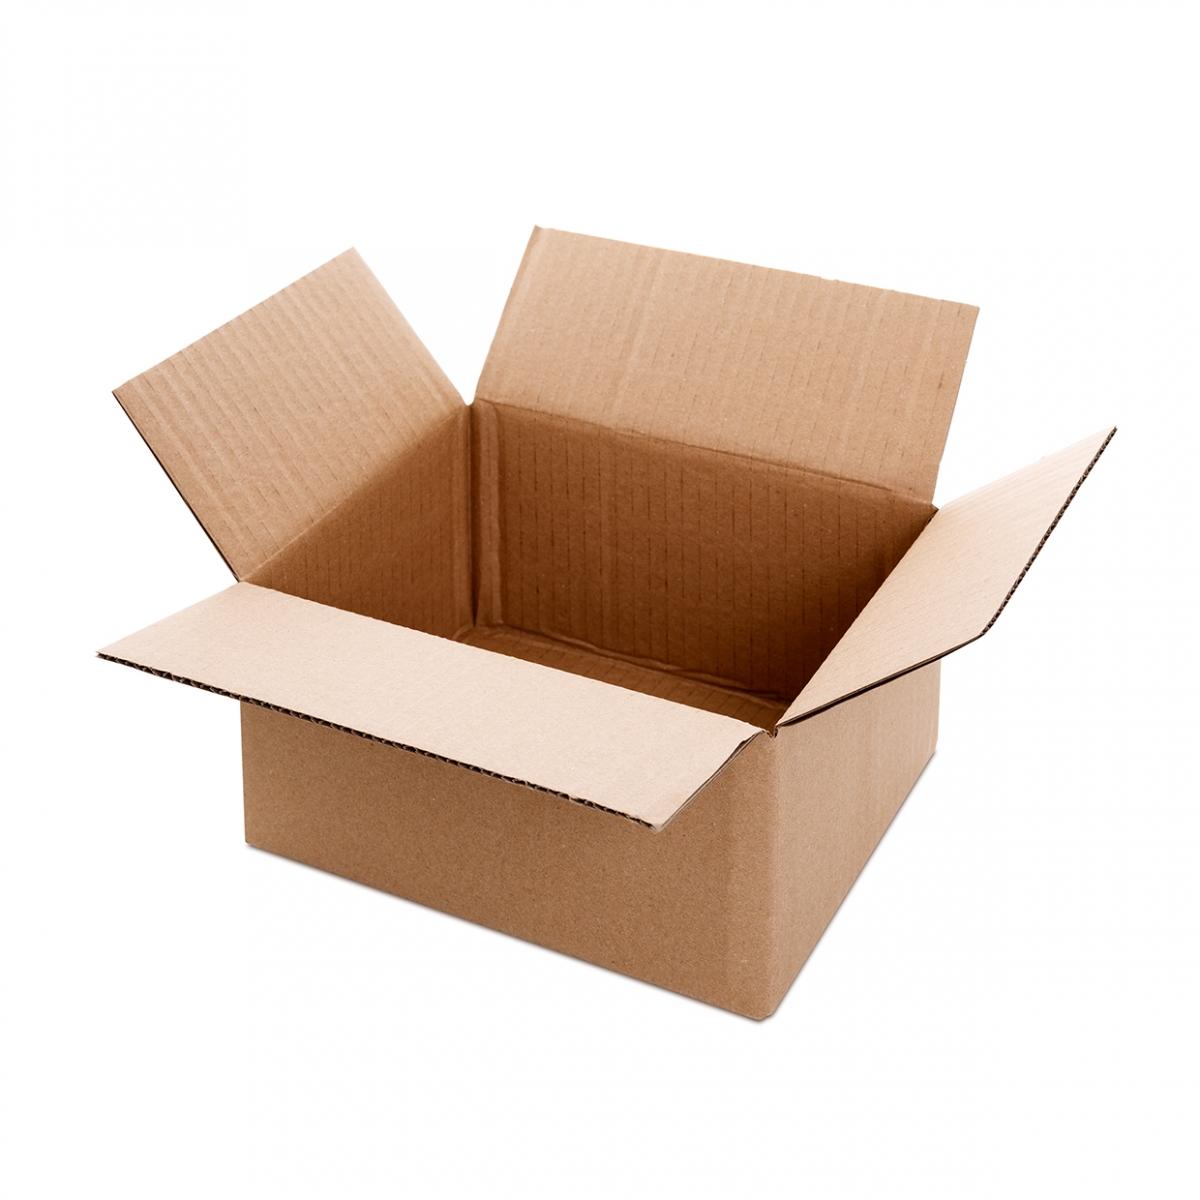 Imagen en la que se ve una caja de cartón